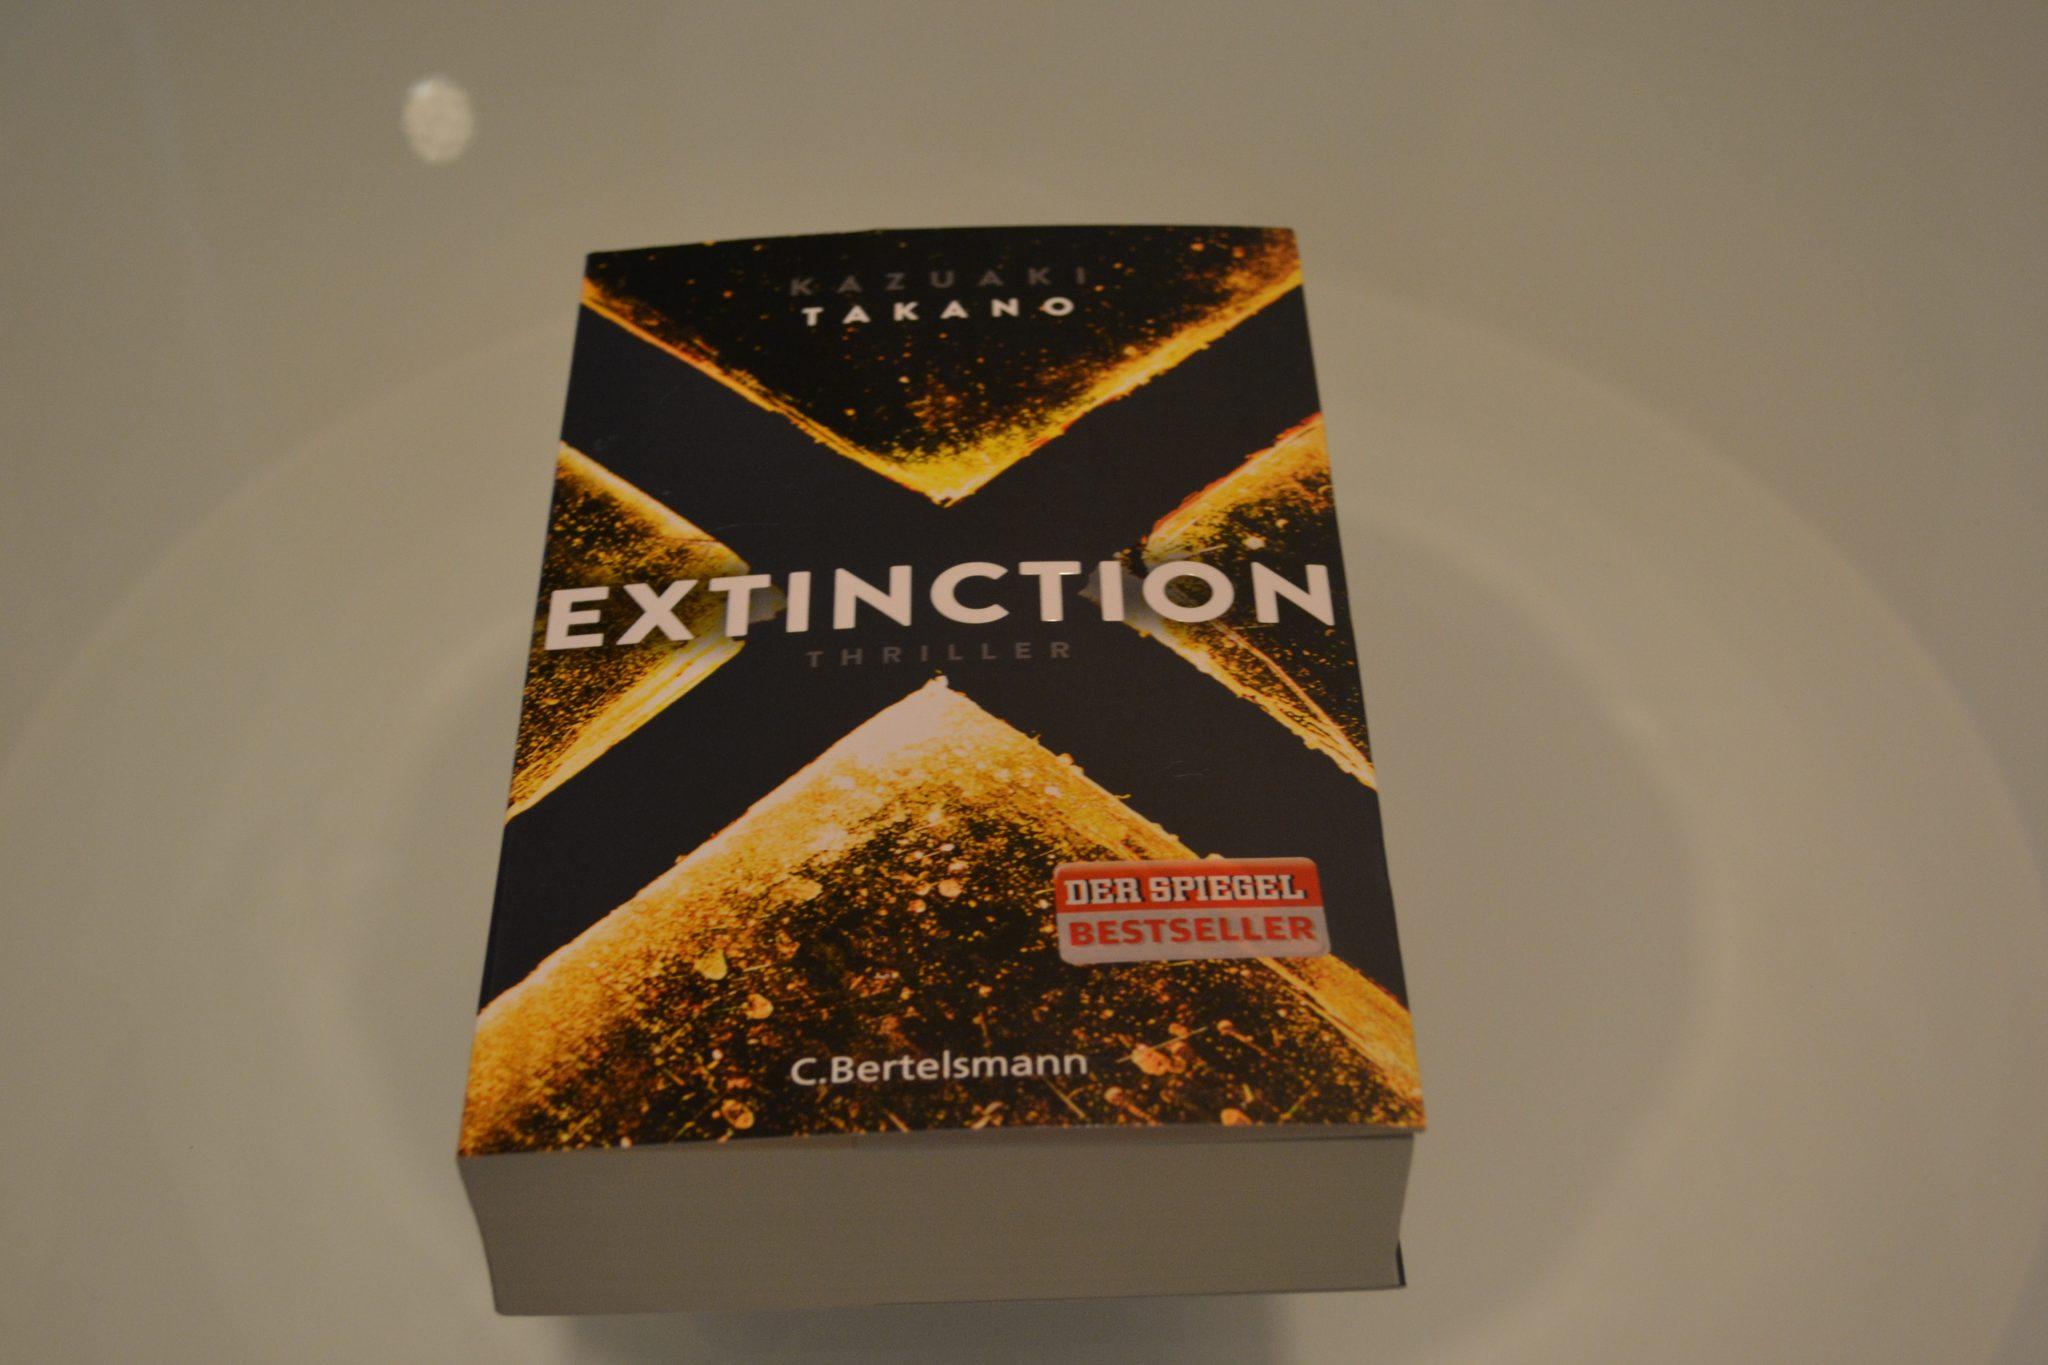 Books: Extinction | Kazuaki Takano - DSC 0388